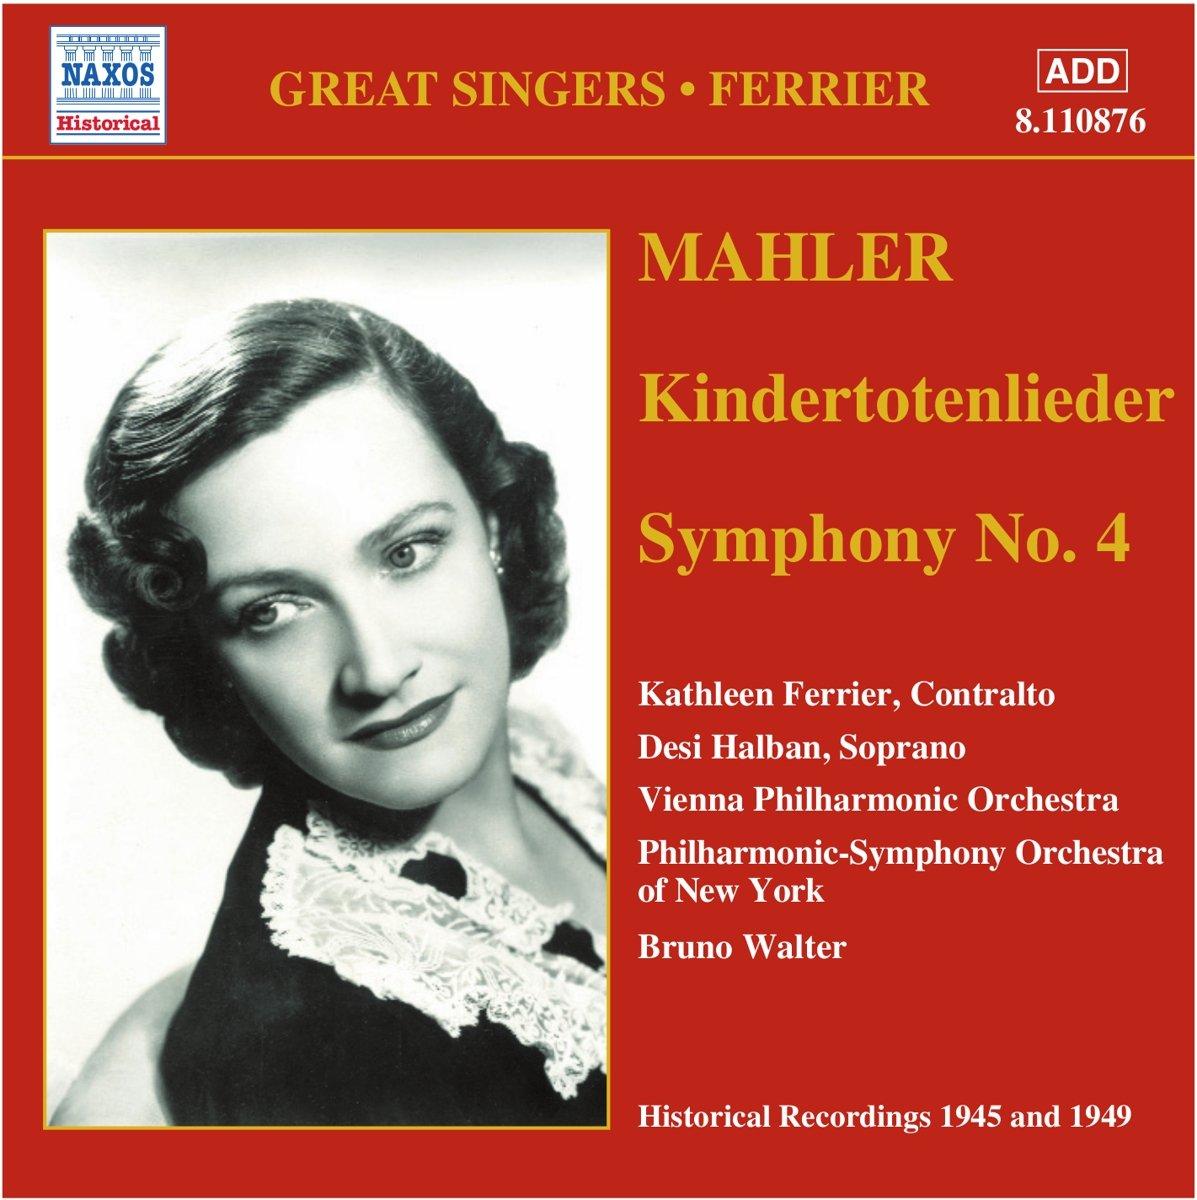 Mahler, Kathleen Ferrier Great Singers - Ferrier